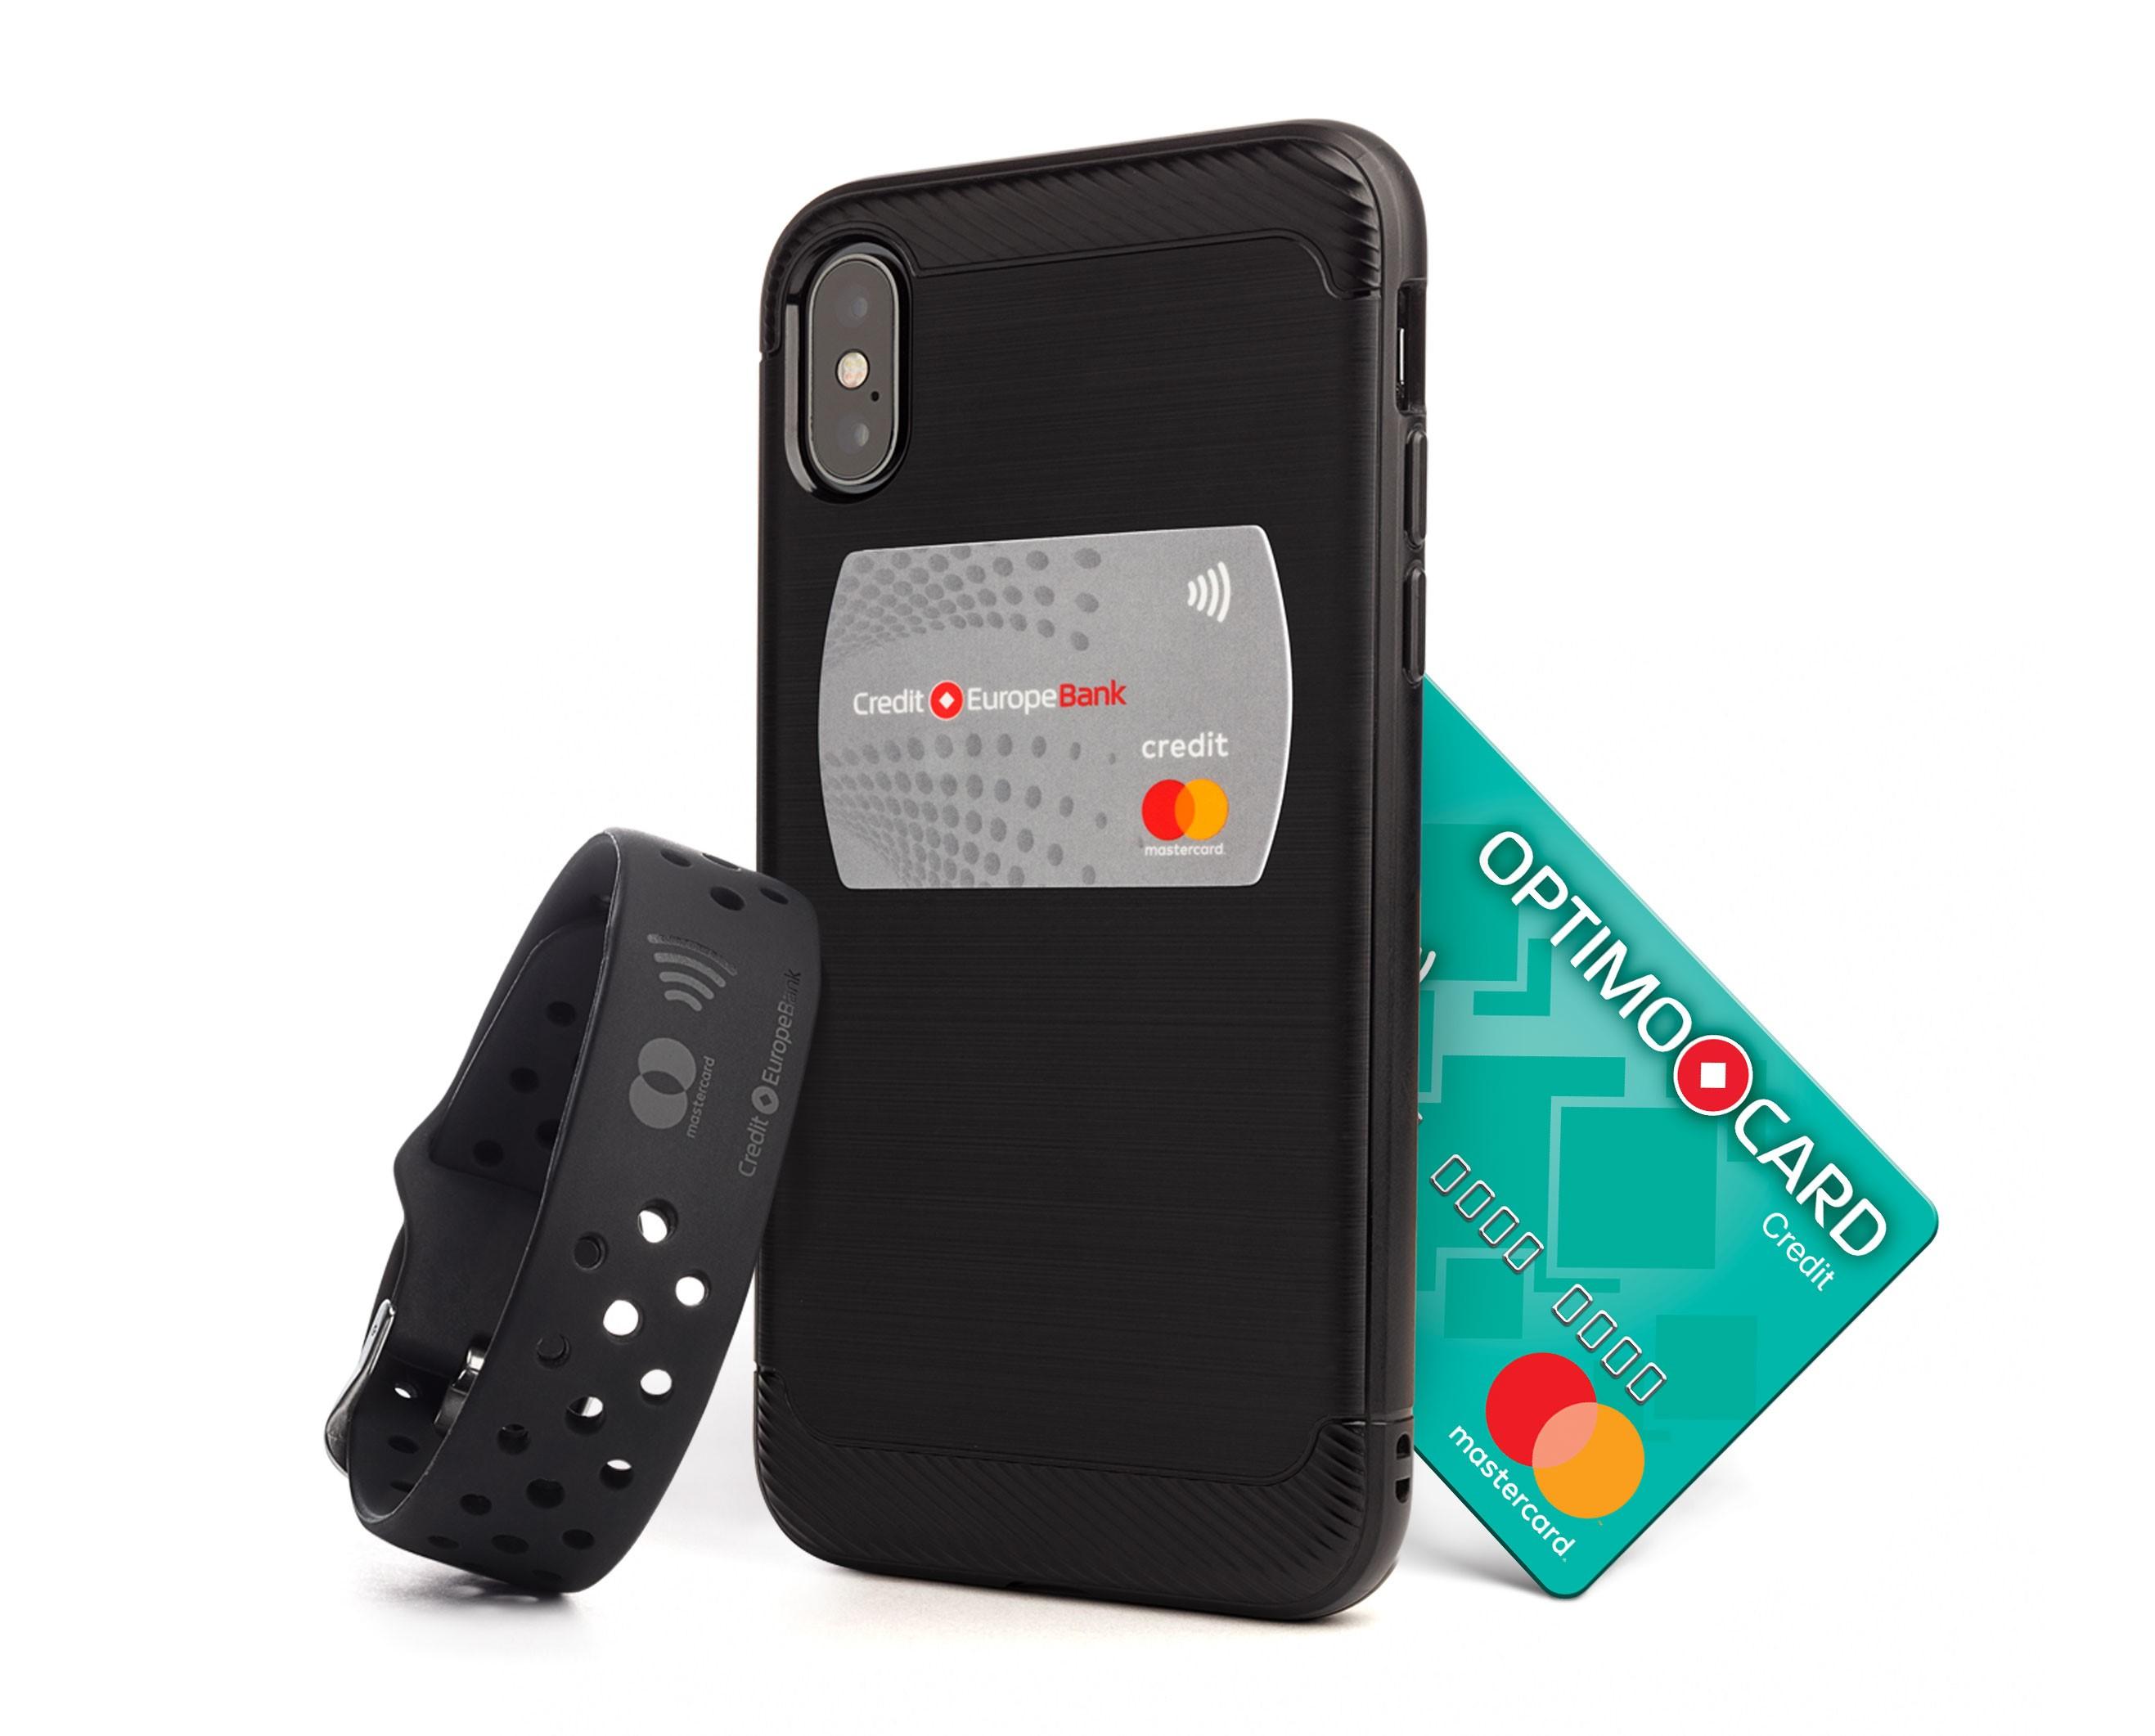 Stickerul și Brățara OPTIMO2go contactless – noile gadgeturi emise de Credit Europe Bank